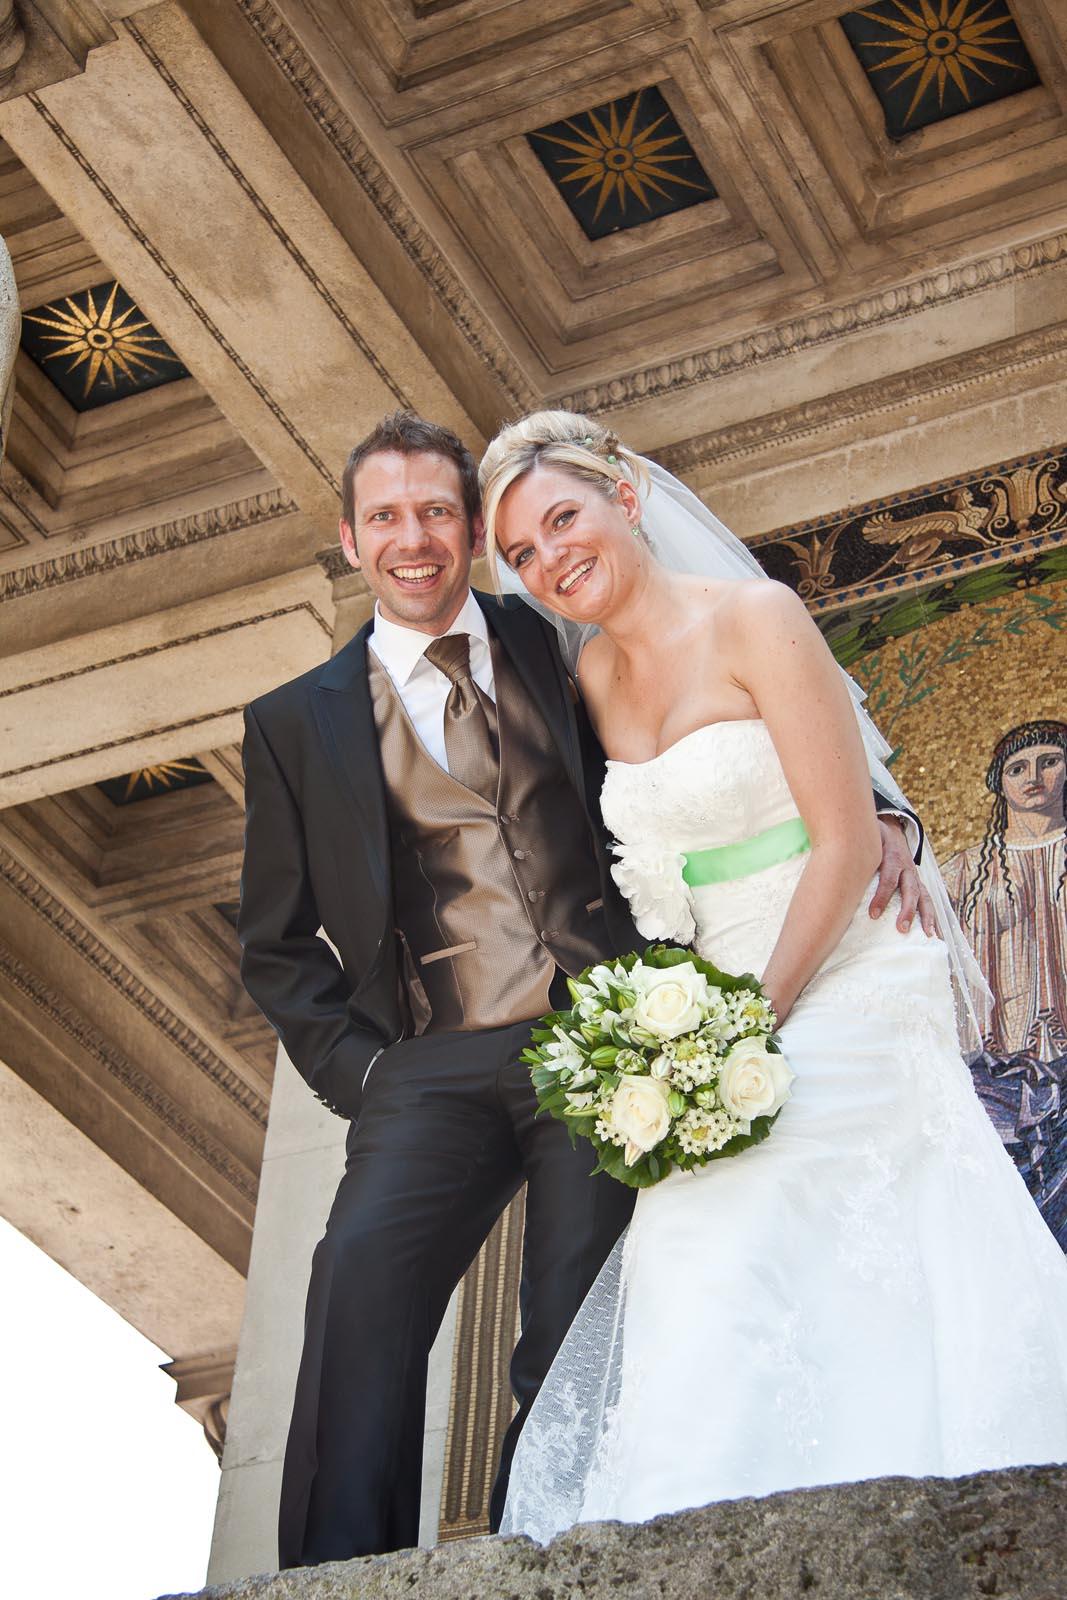 Hochzeitsportraits-Bindl-Hochzeitsportraits-Bindl-8260.jpg